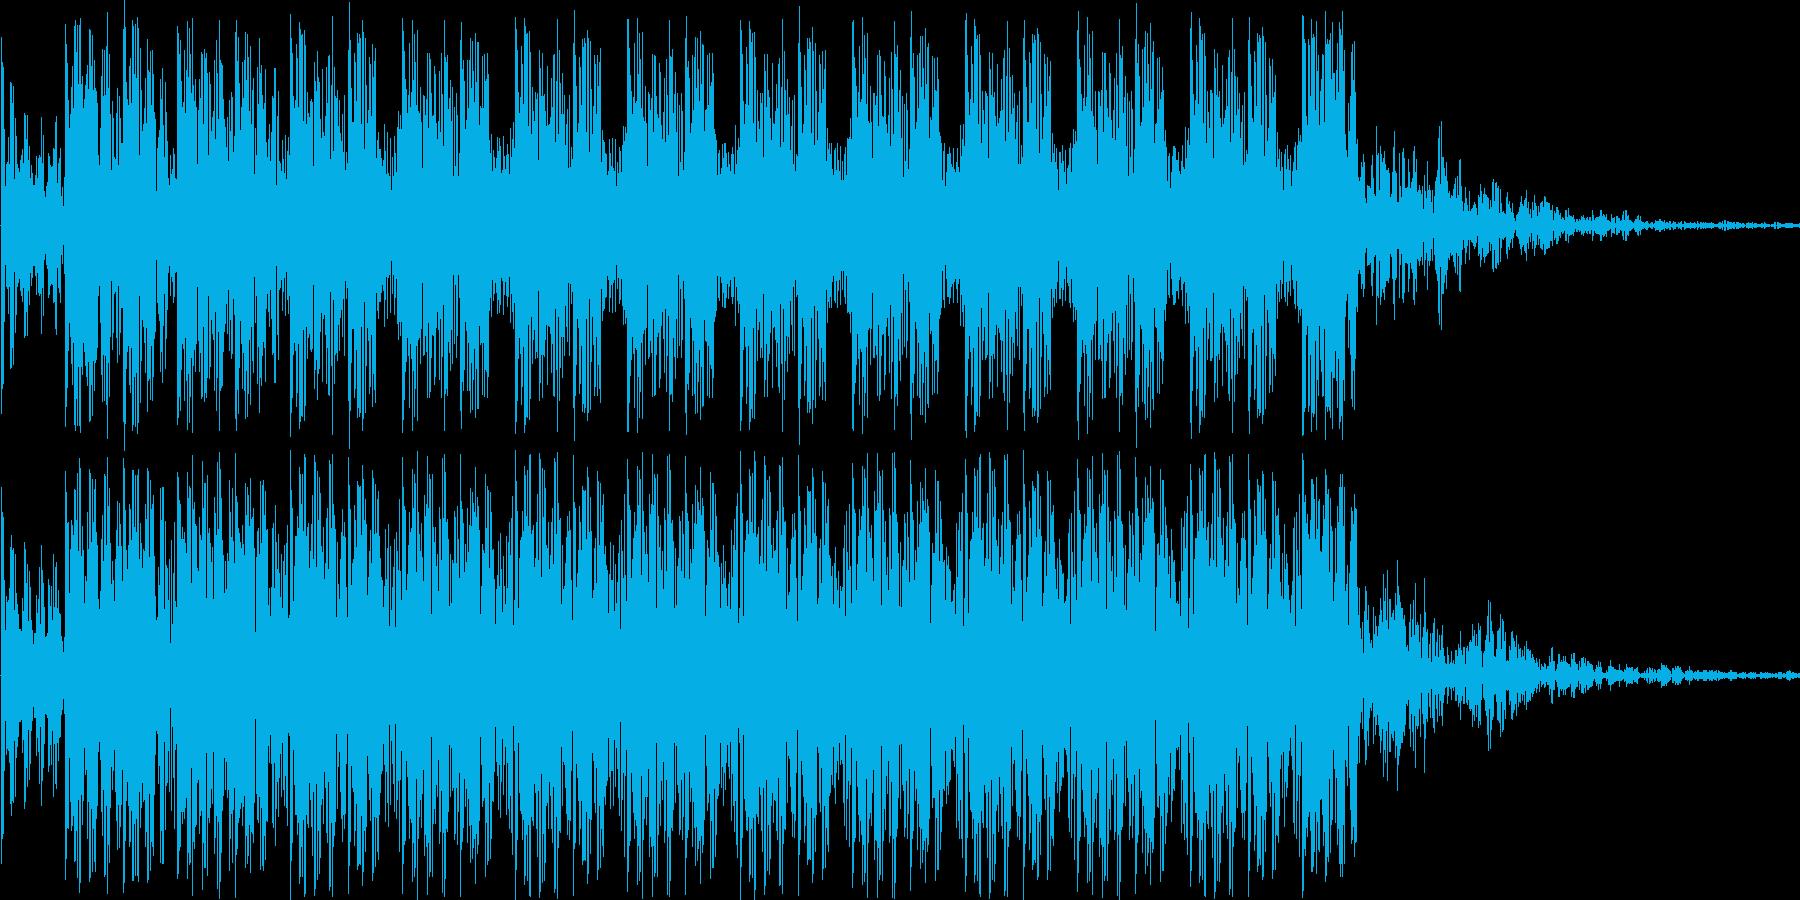 ダダダダというショット音の再生済みの波形